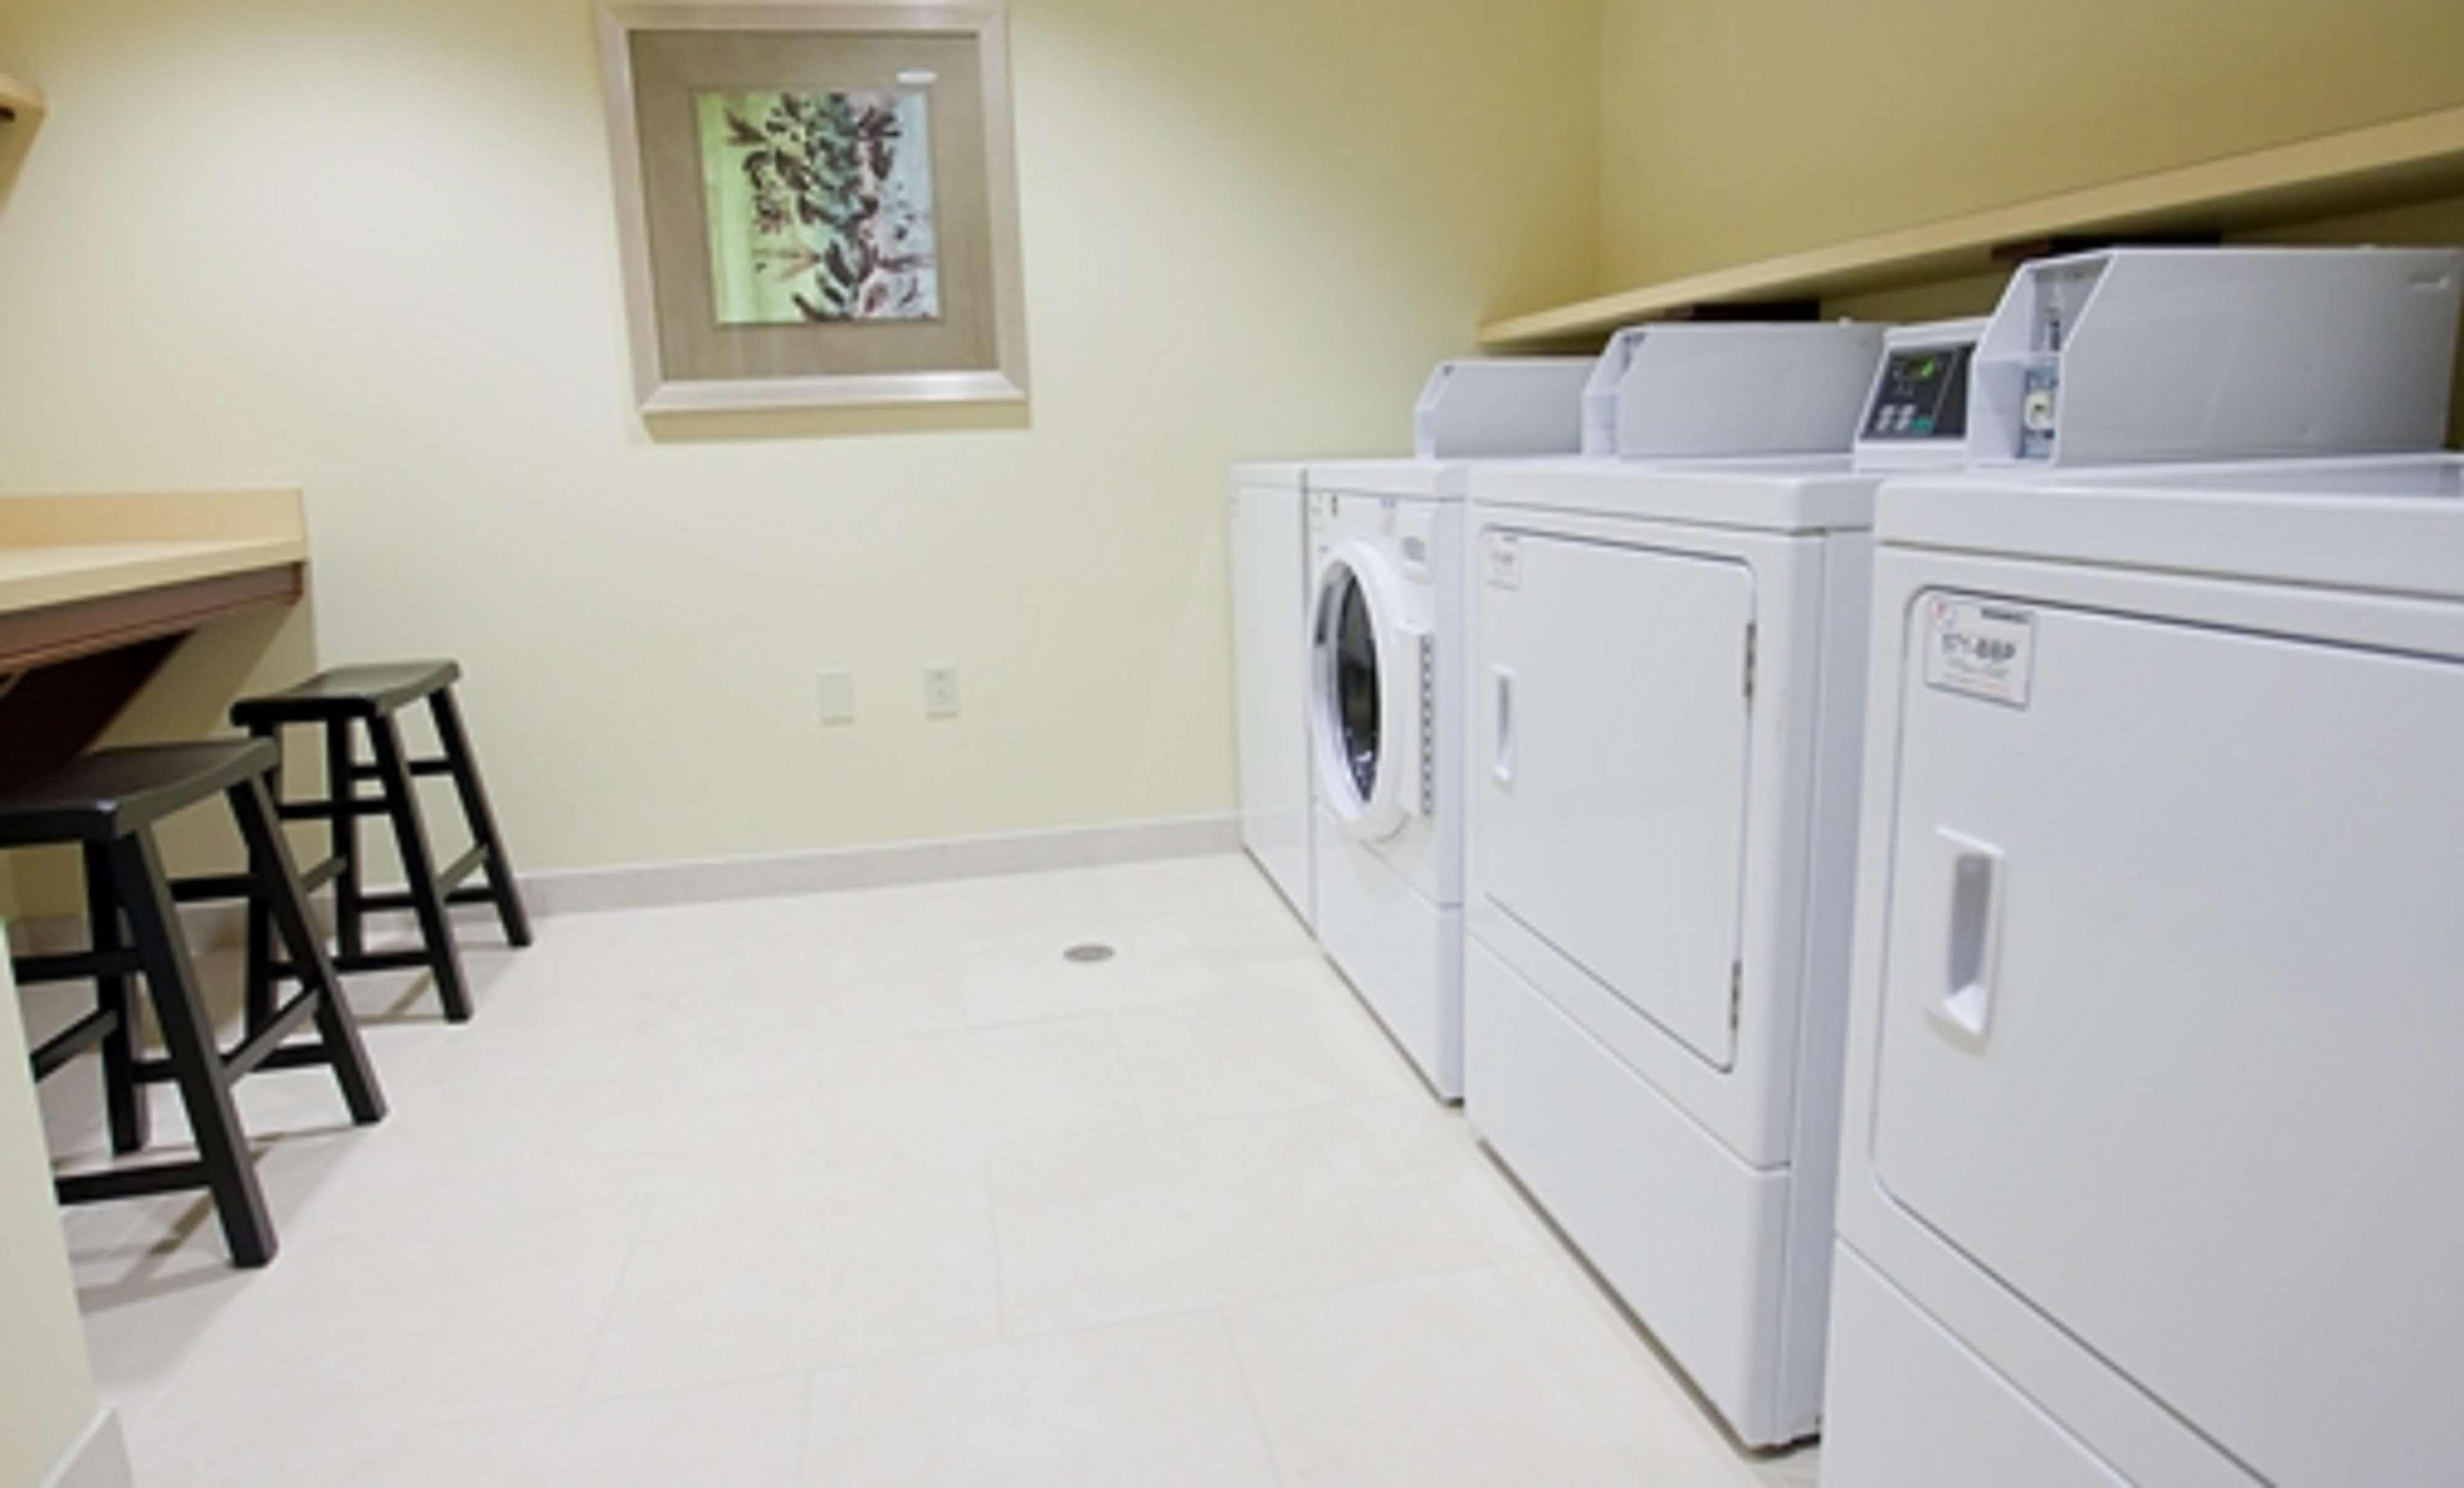 Homewood Suites by Hilton Lafayette-Airport, LA image 31